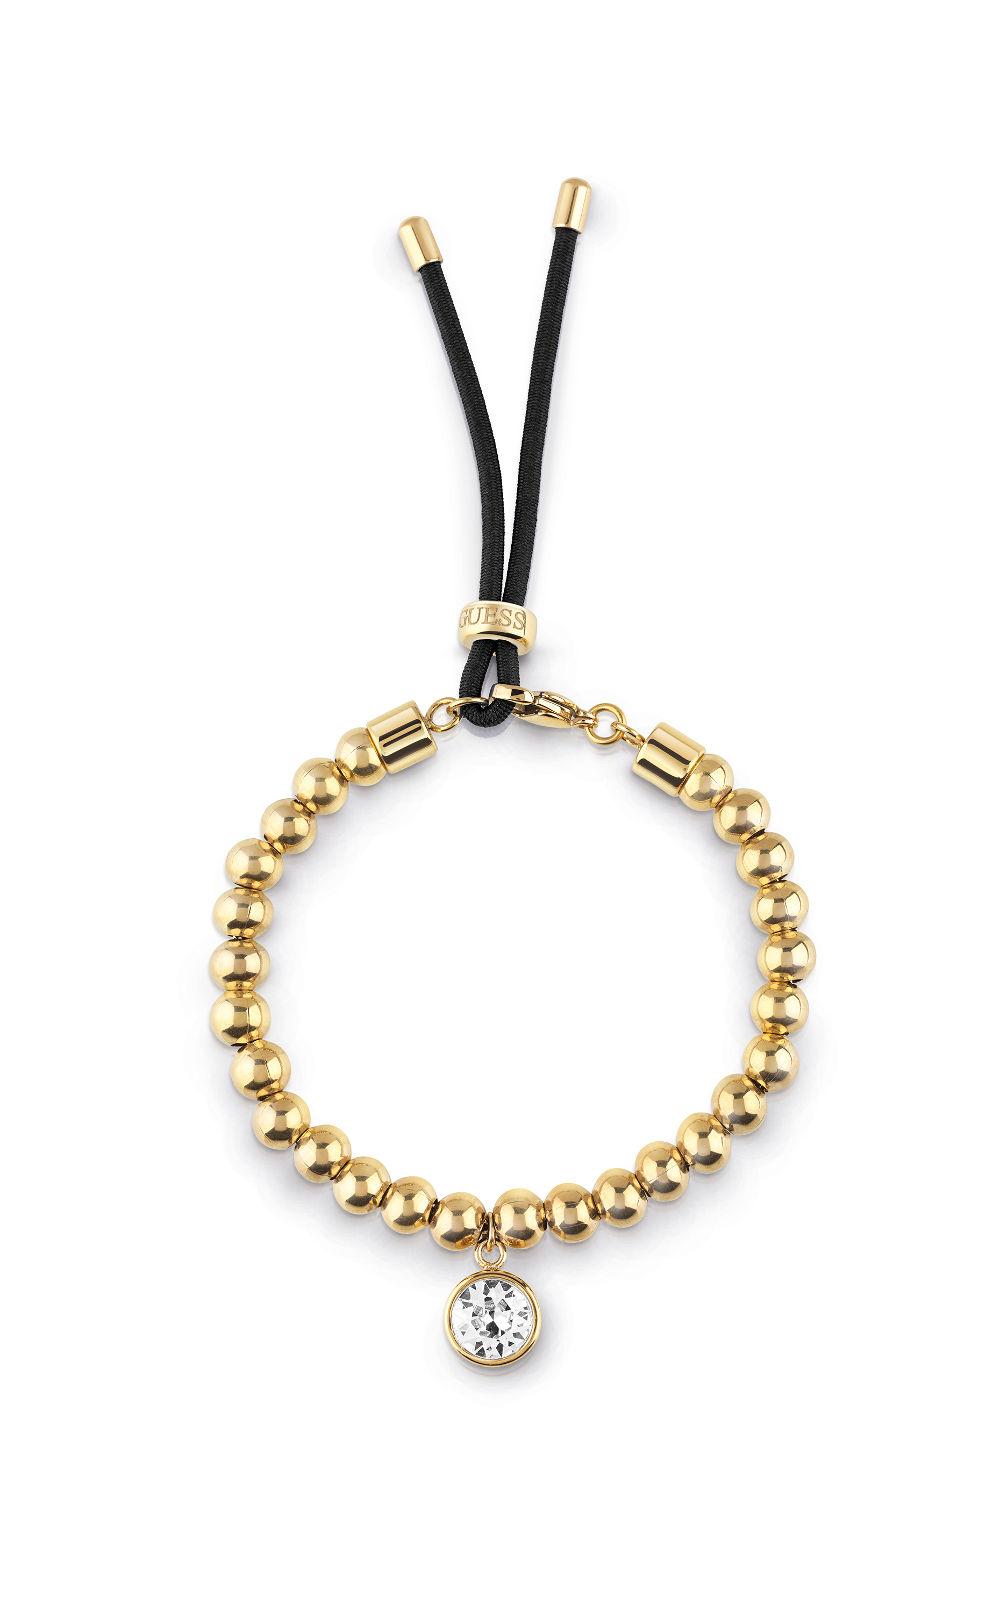 1db628caf4d GUESS STEEL UBB78029 Χρυσό Βραχιόλι Με Χάντρες & Μαύρο Κορδόνι